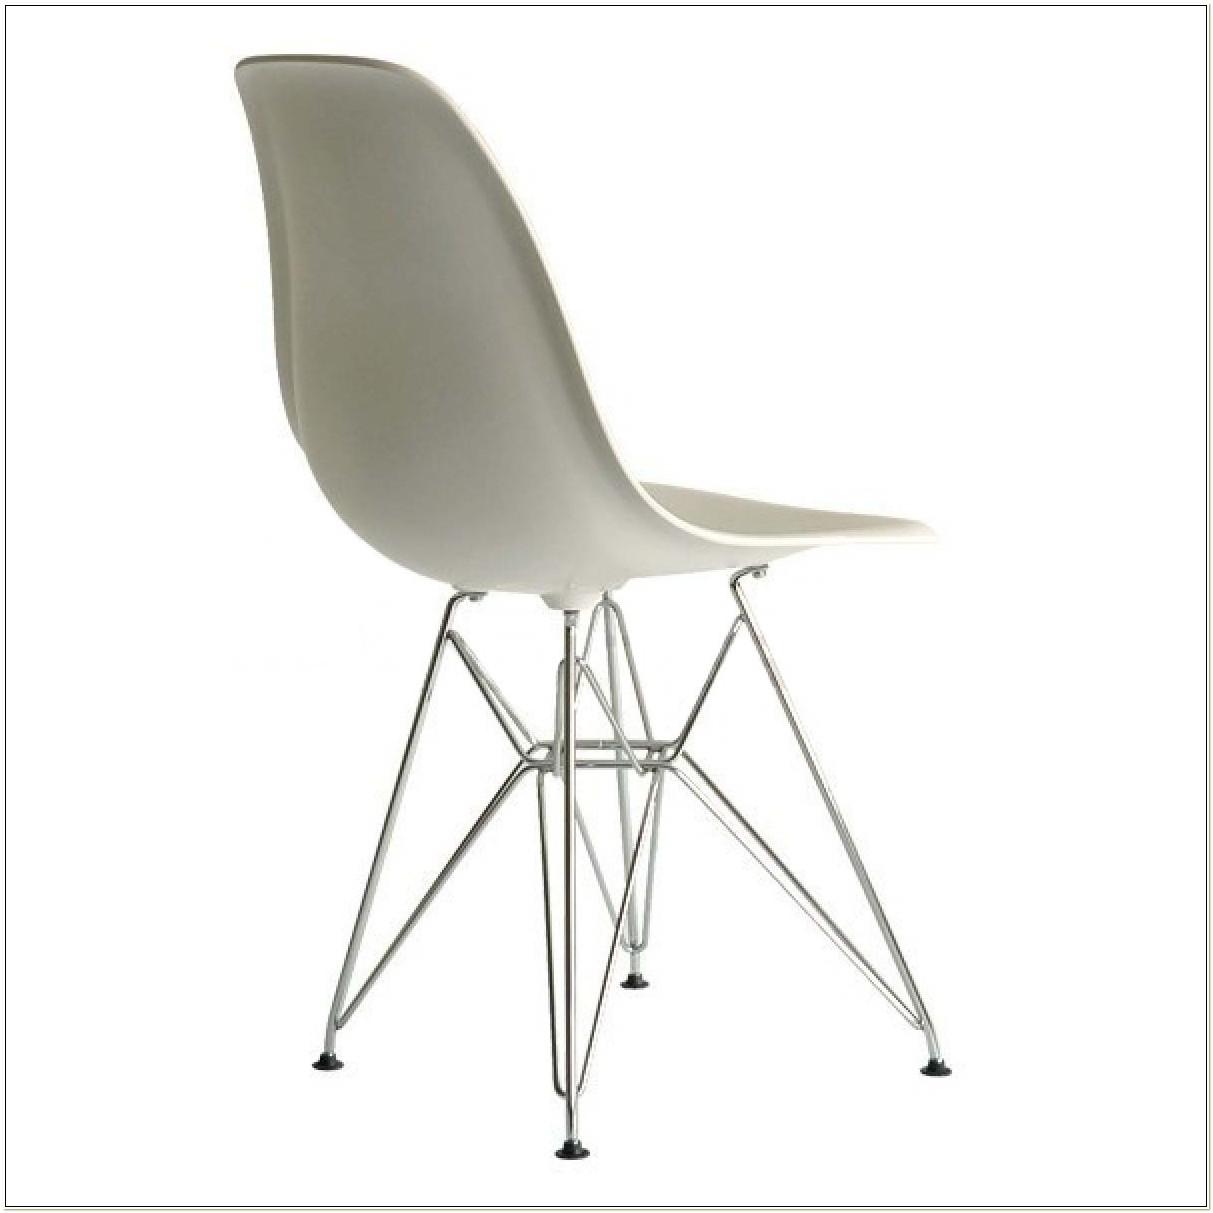 Replica Eames Eiffel Dsr Dining Chair